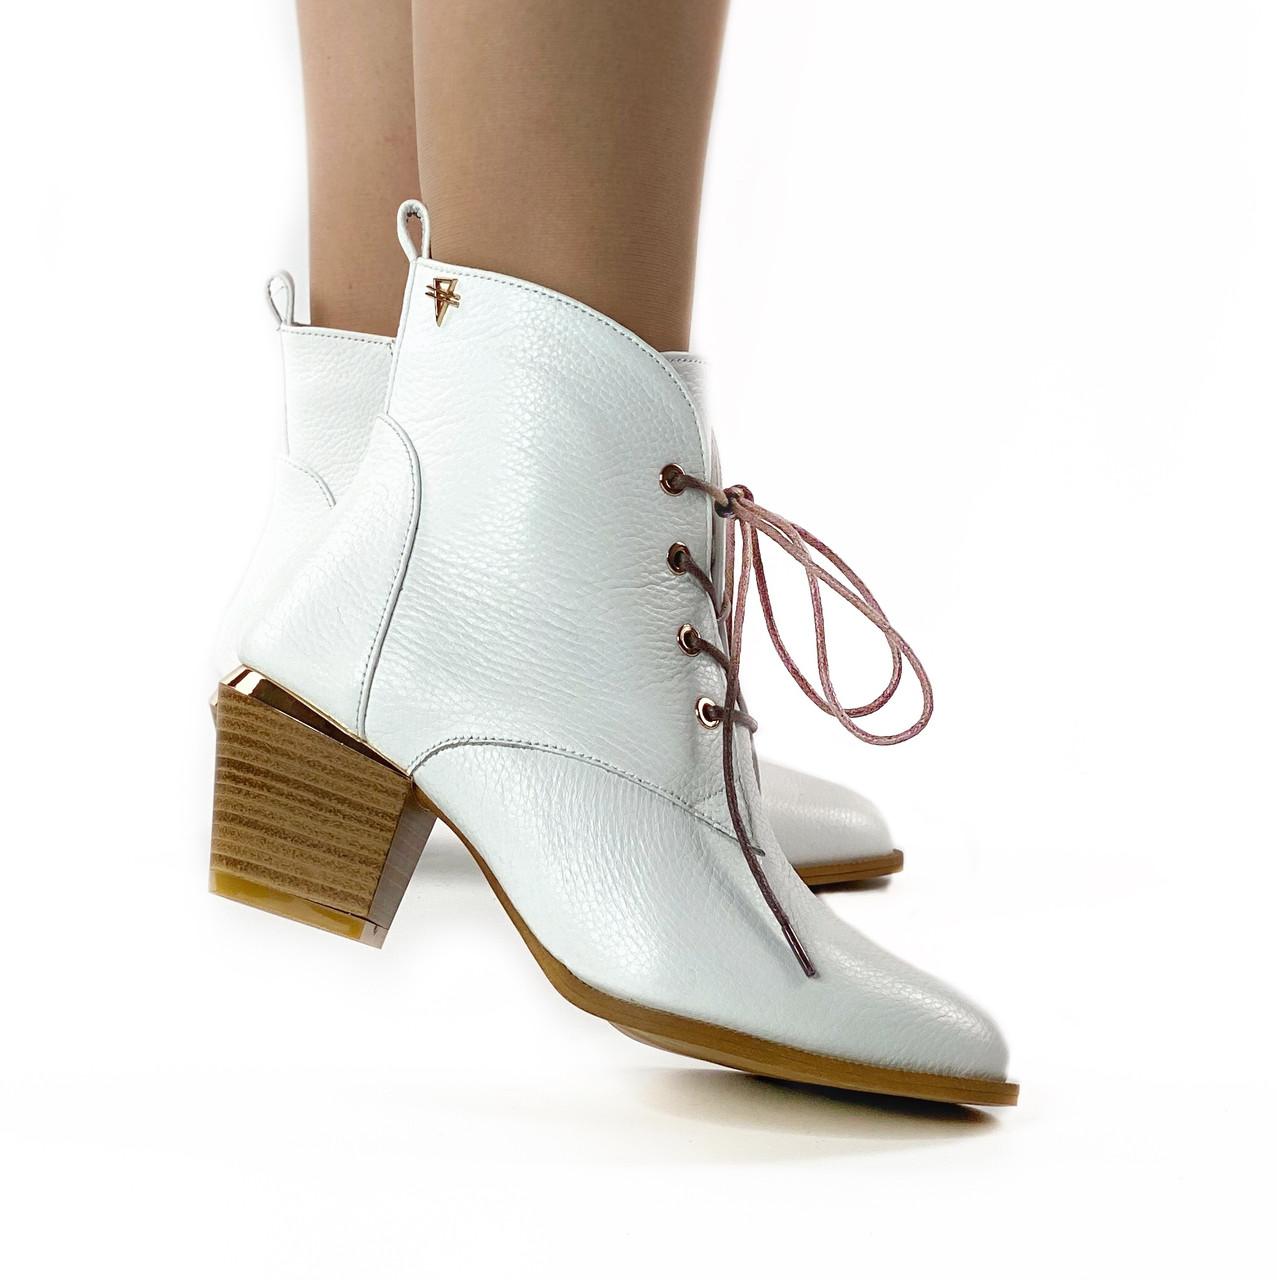 Черевики жіночі шкіряні білі на шнурках і невисокому каблуці MORENTO (весна-осінь)